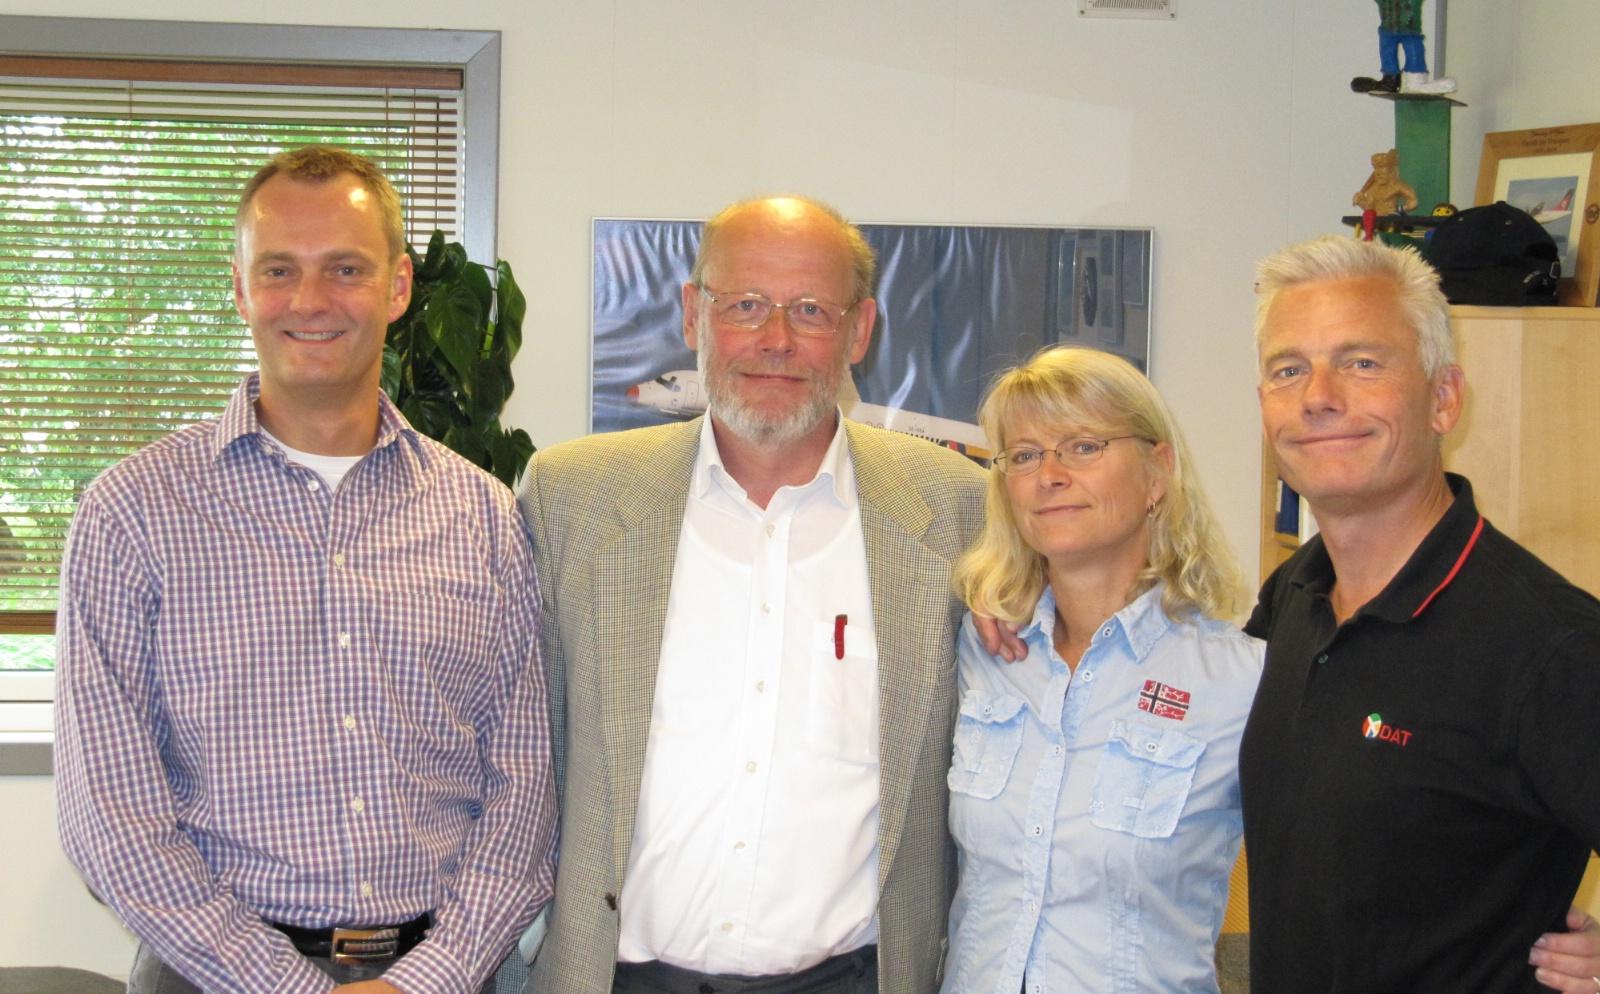 Foto: Den ny bestyrelsesformand omgivet af fra venstre Lars Høeg samt til højre Kirsten Rungholm og Jesper Rungholm. (Foto: DAT)